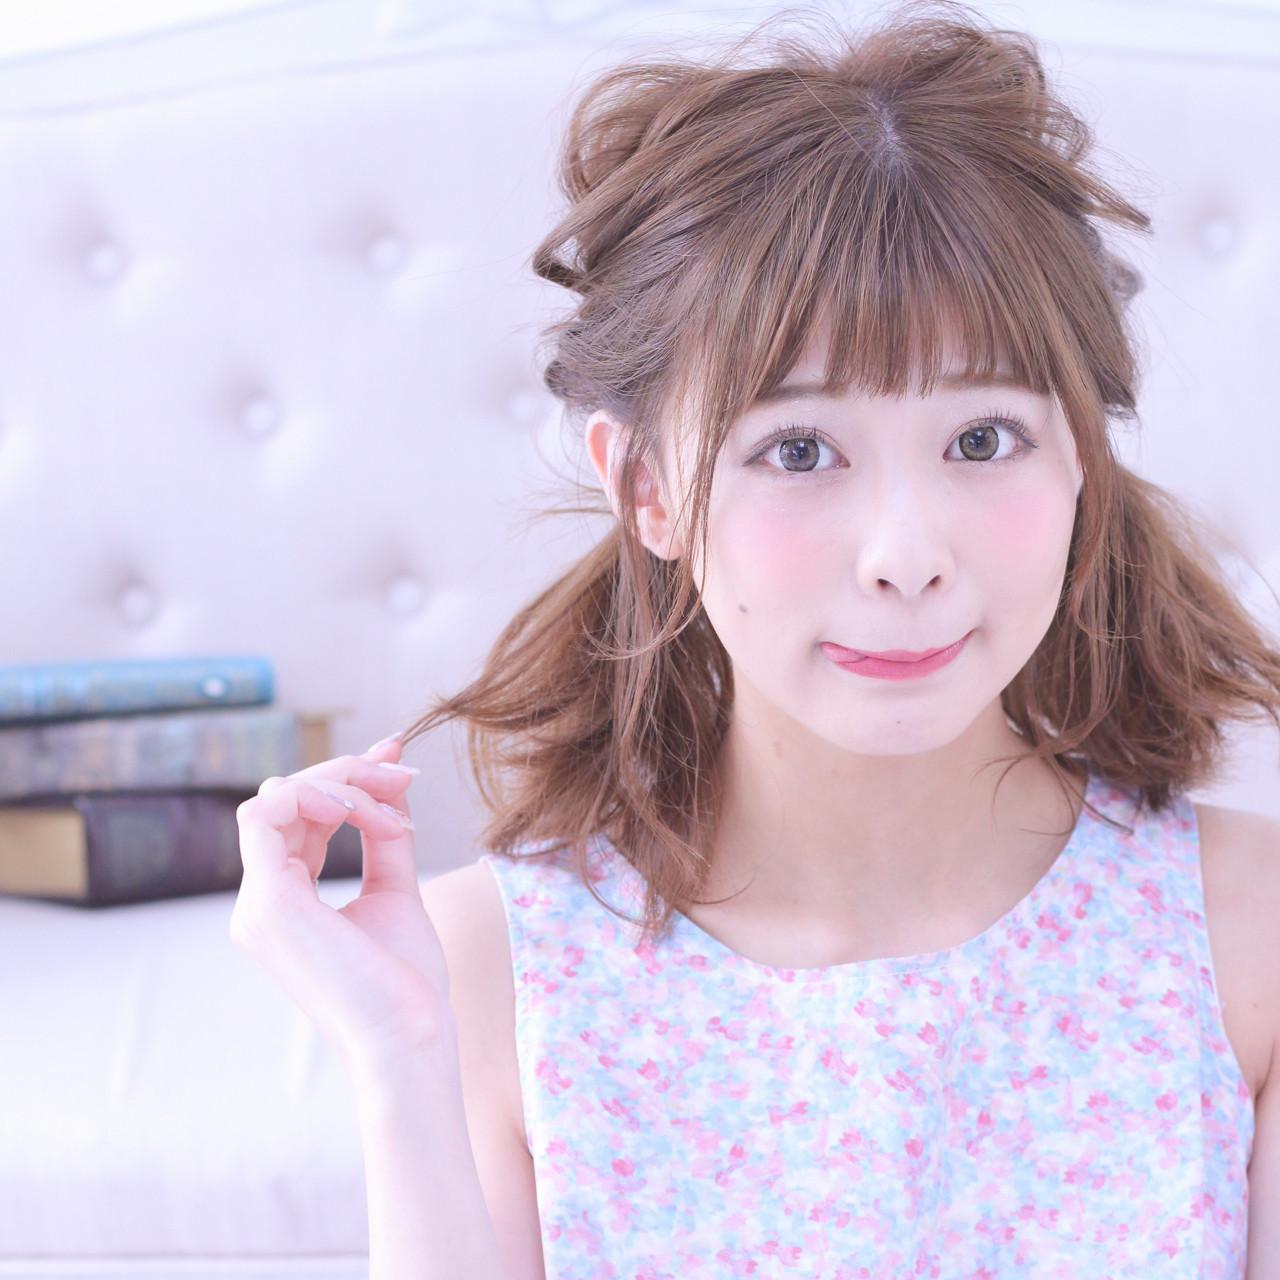 夏が来た!!夏フェス参加者必見♡おすすめ髪型8選の10枚目の画像